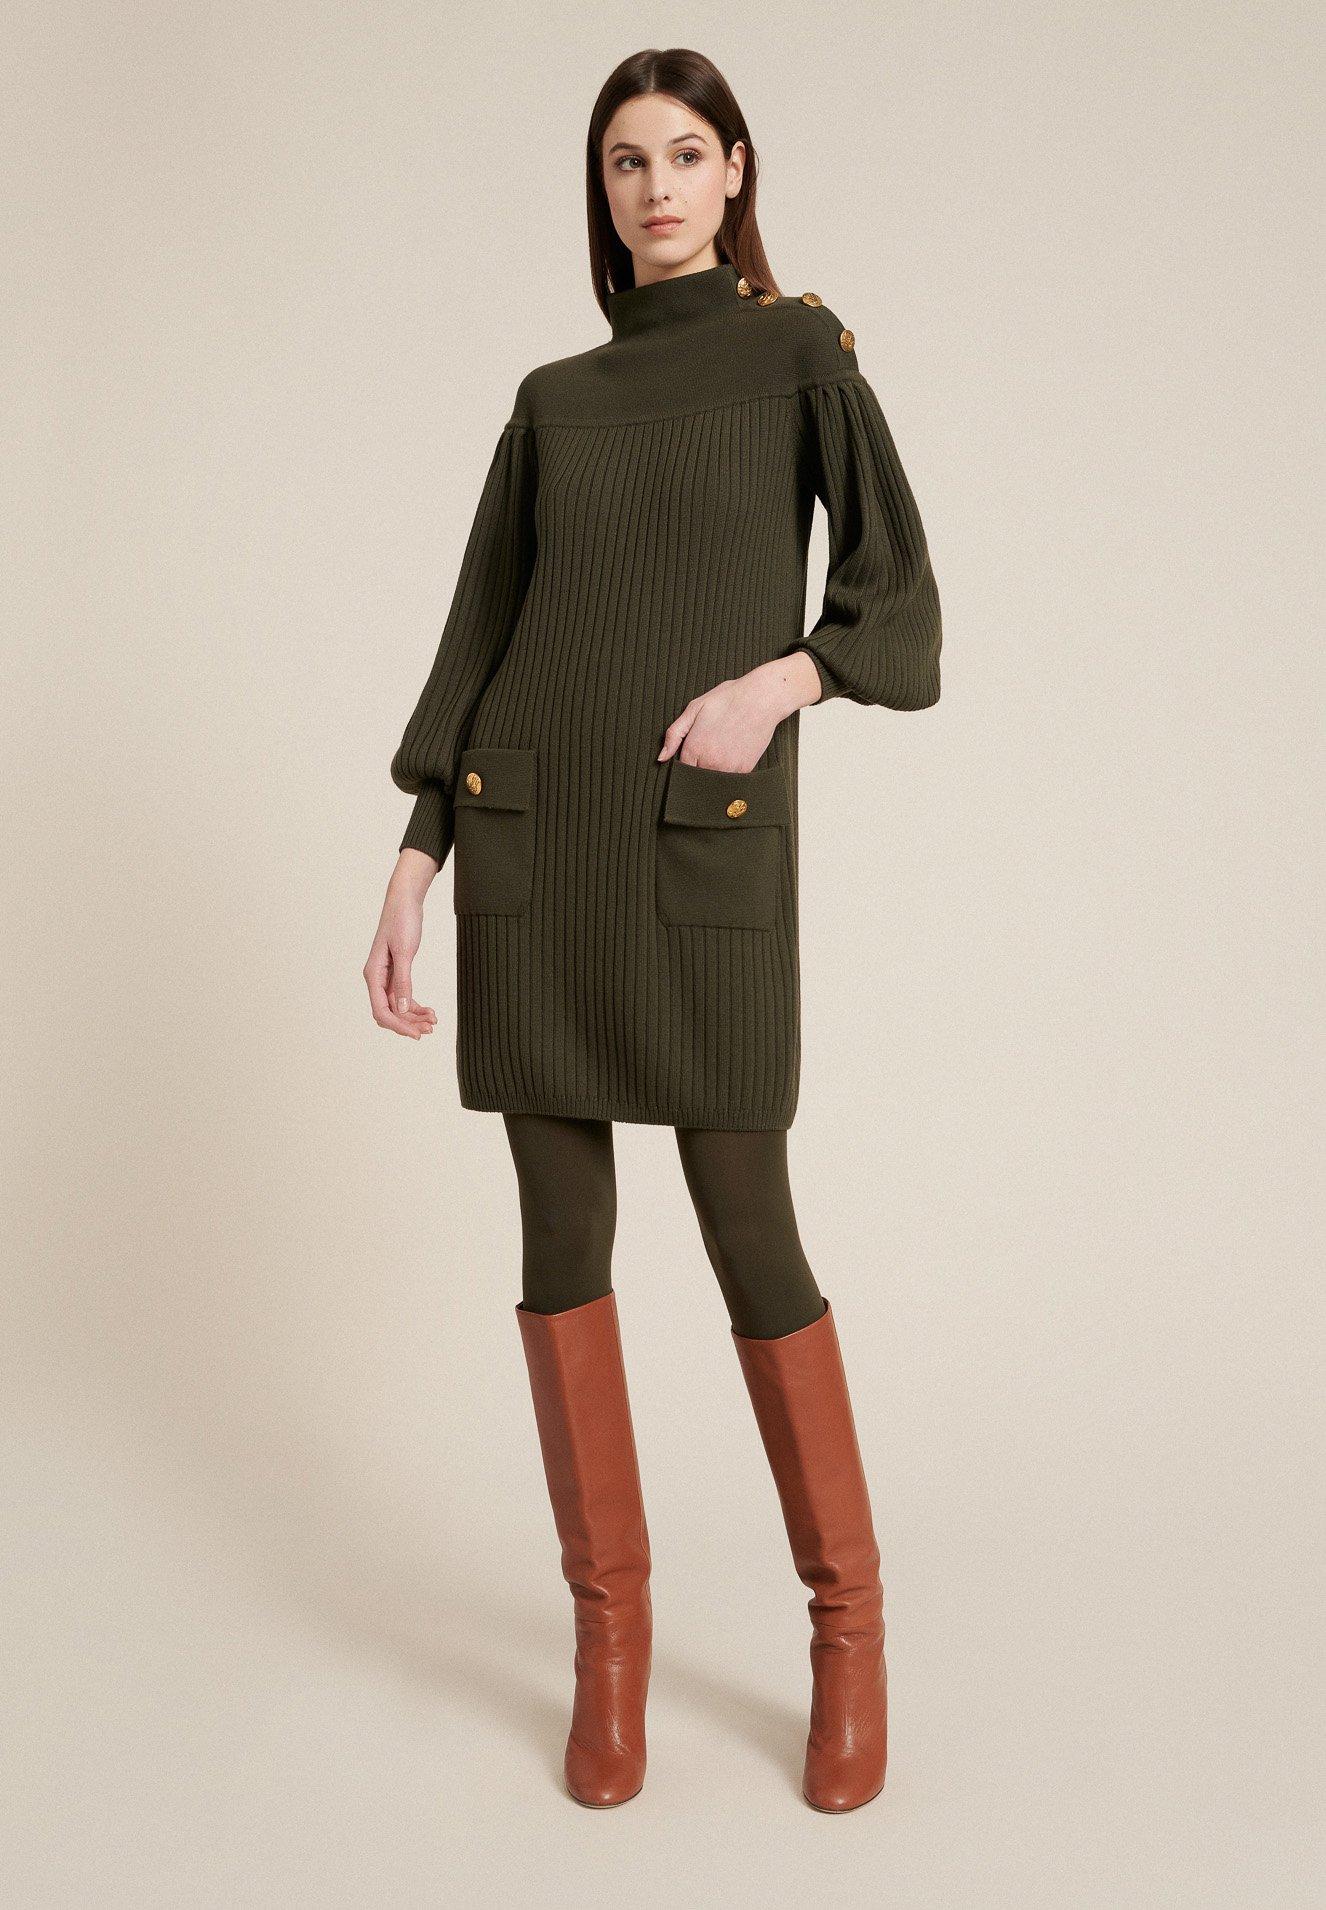 Femme MERCATALE - Robe pull